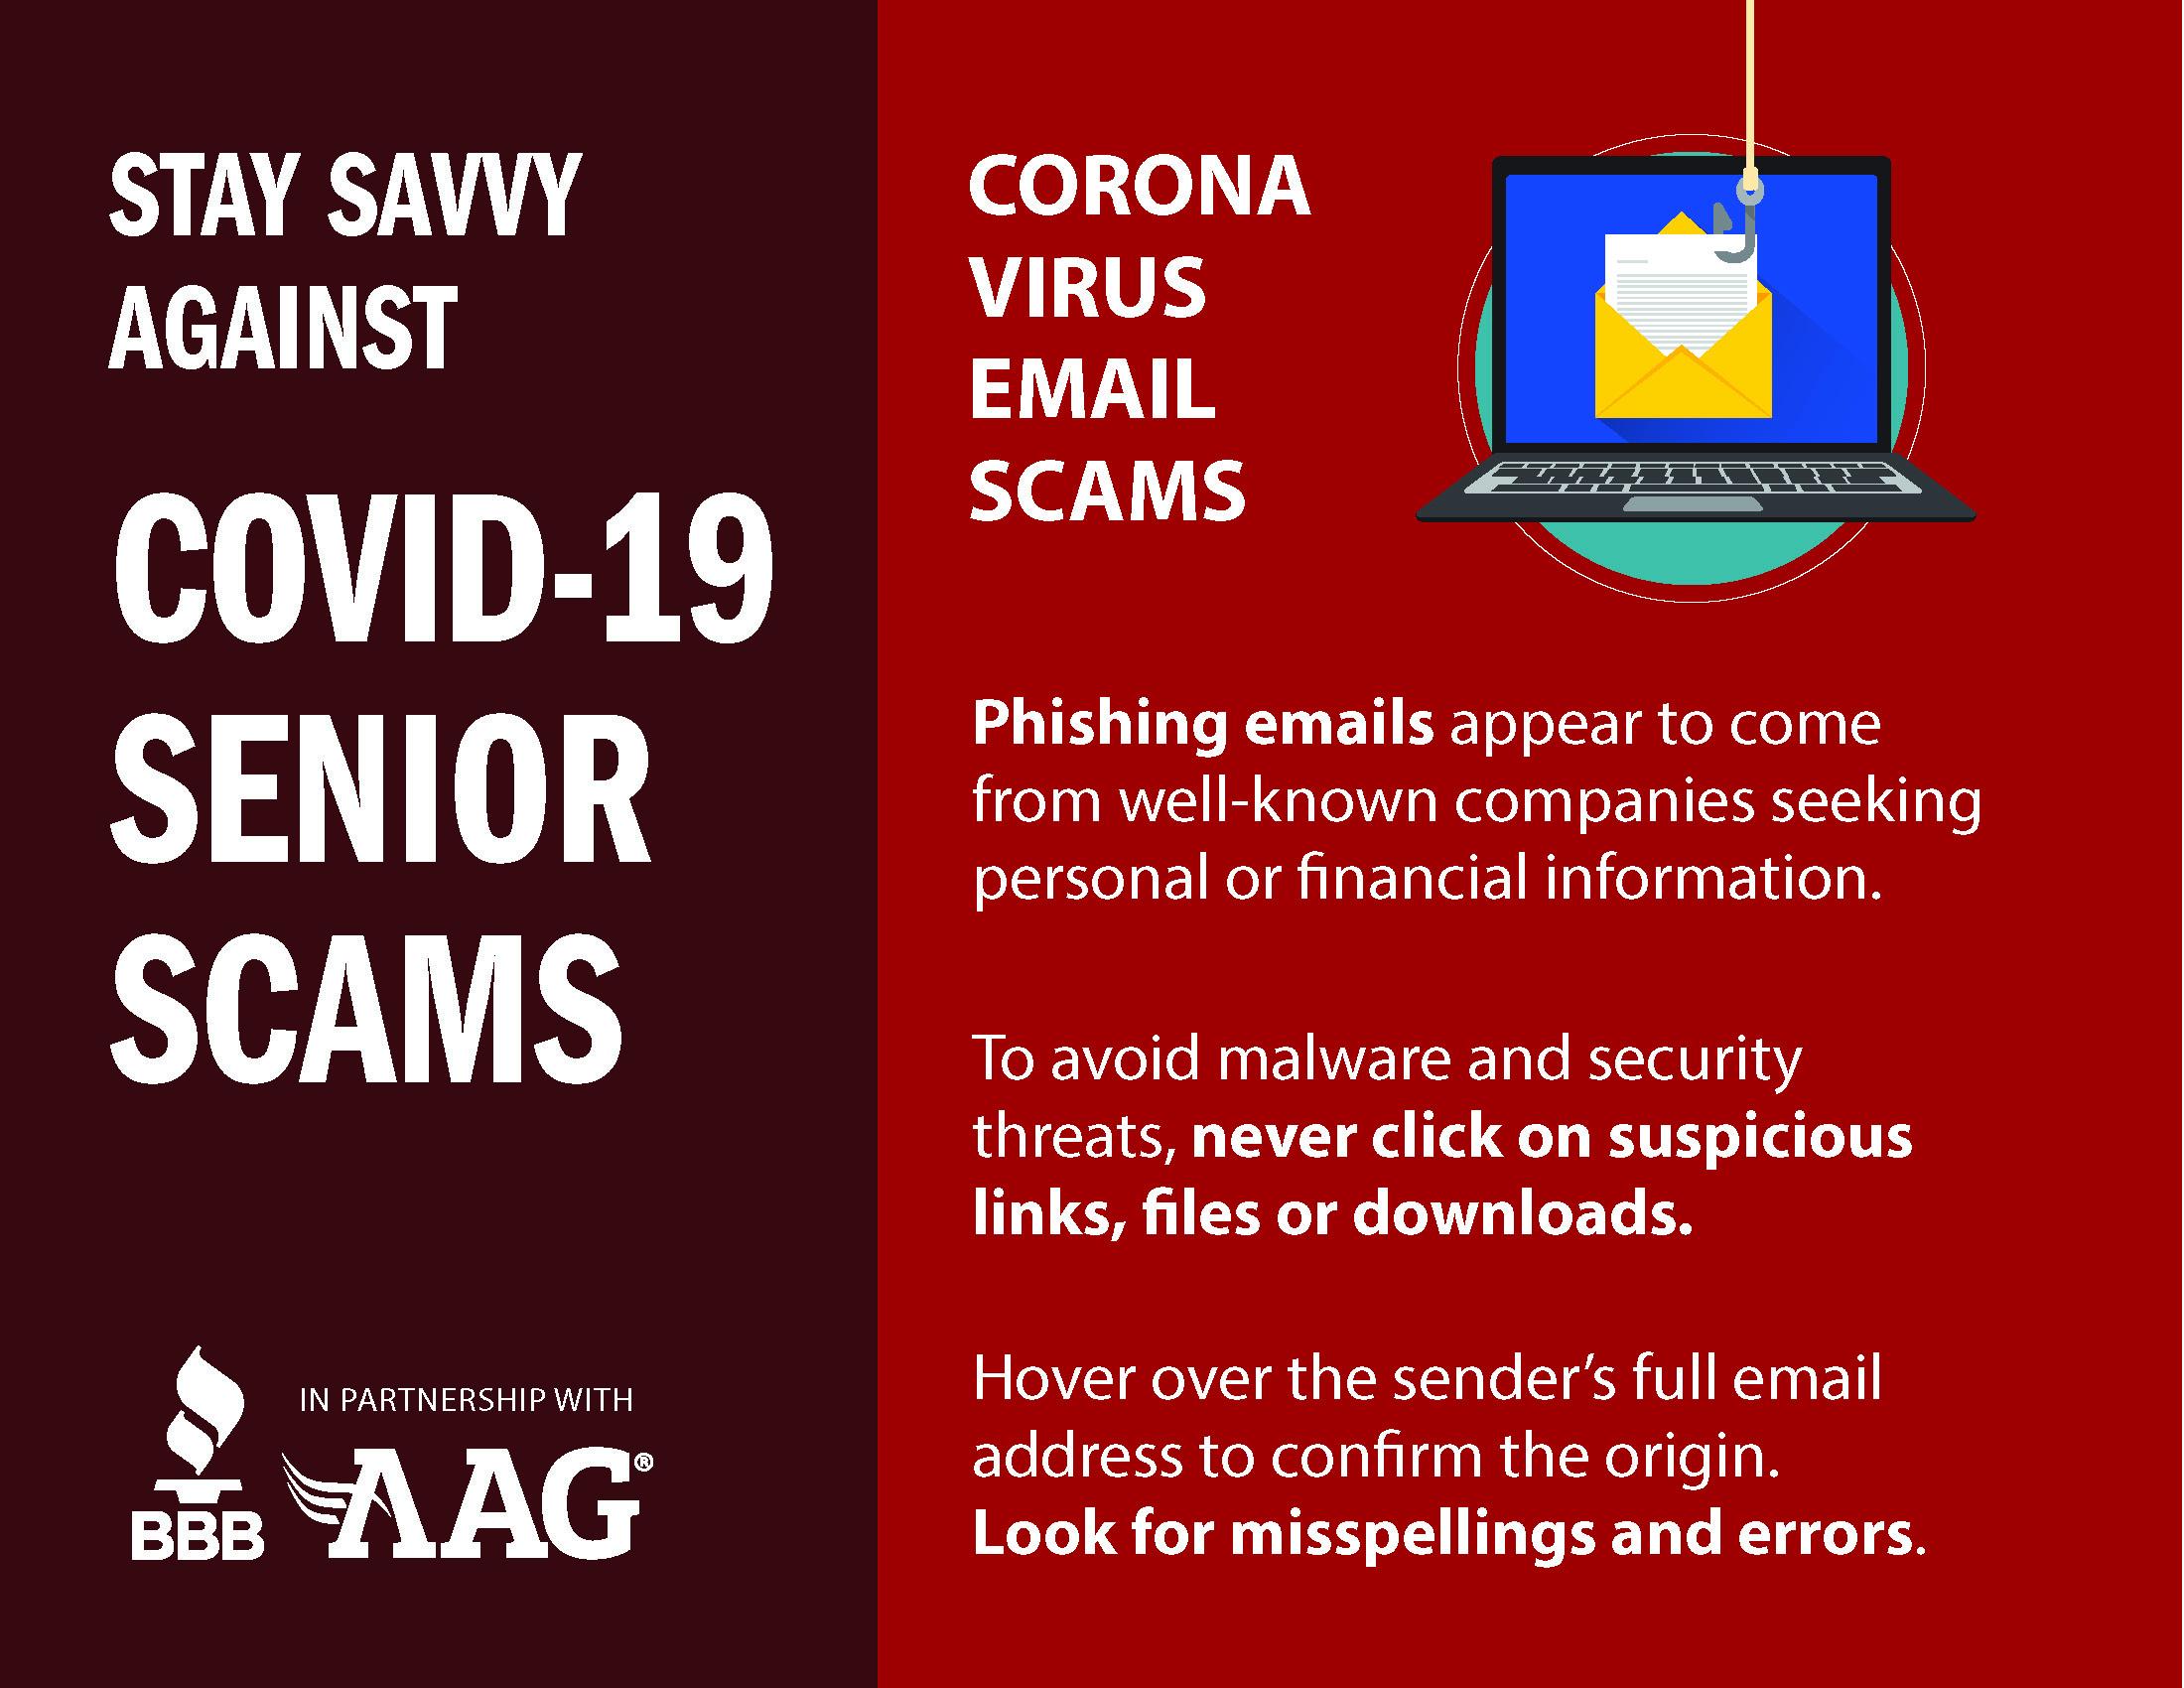 Coronavirus Email Scams